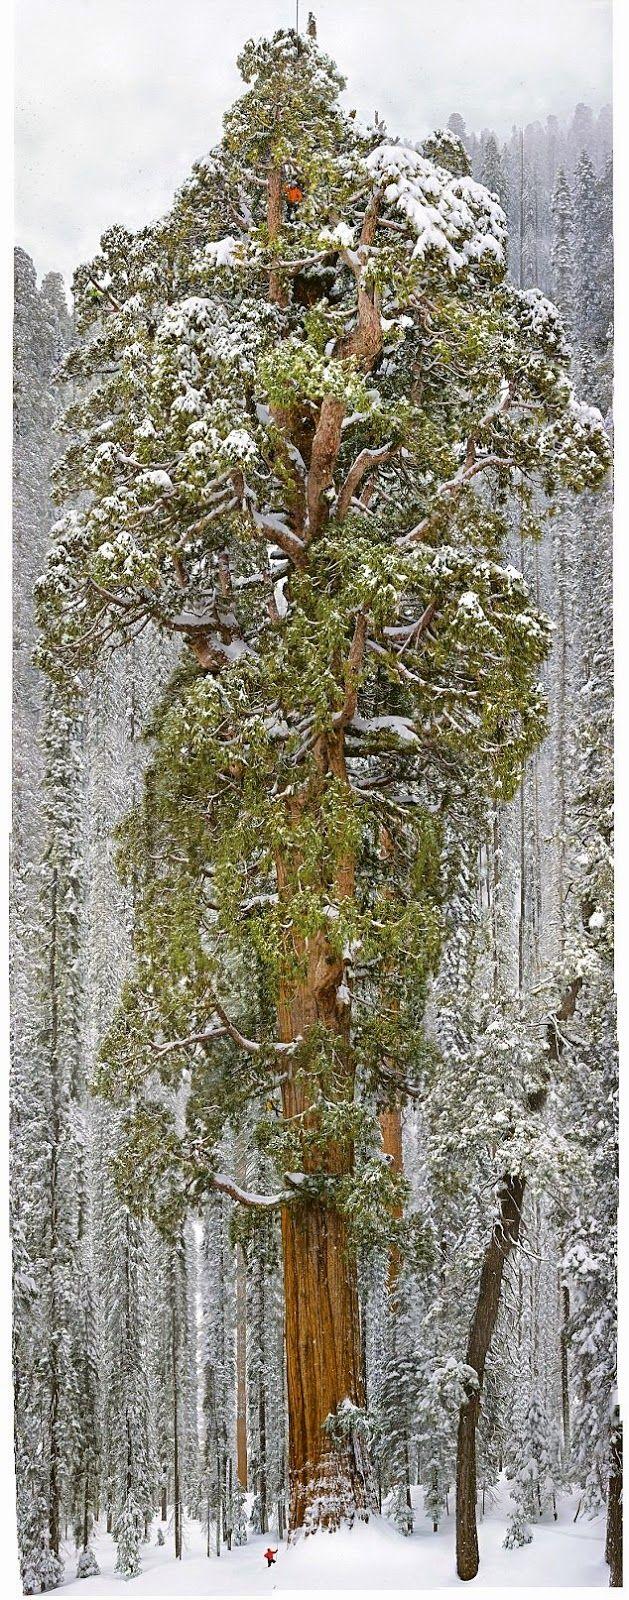 """""""A presidente"""", como é chamada, é uma sequóia gigante que se estende por 75 metros e altura, tem um volume de 13 mil metros cúbicos, e tem cerca de 3200 anos de idade"""